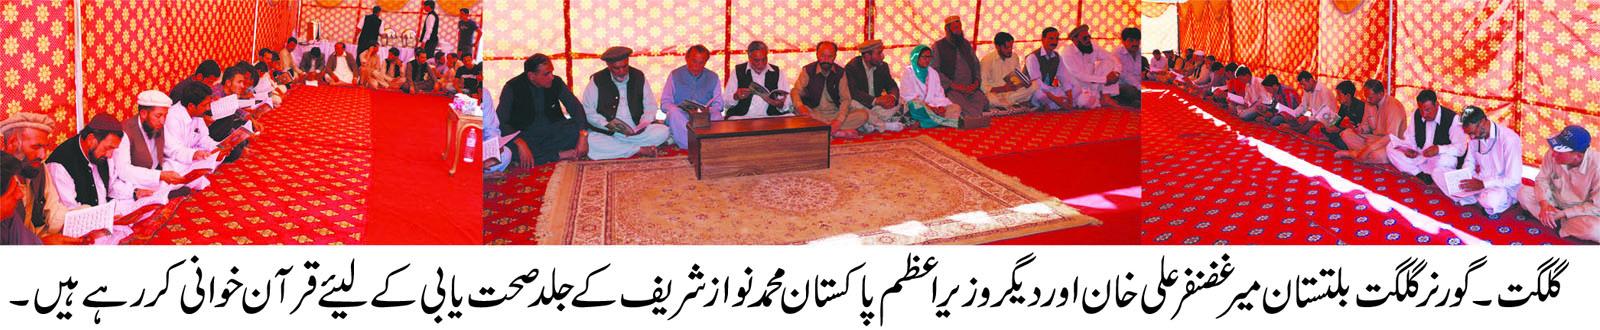 وزیر اعظم کی صحتیابی کے لئے گورنر سیکریٹریٹ گلگت میں دعائیہ تقریب منعقد